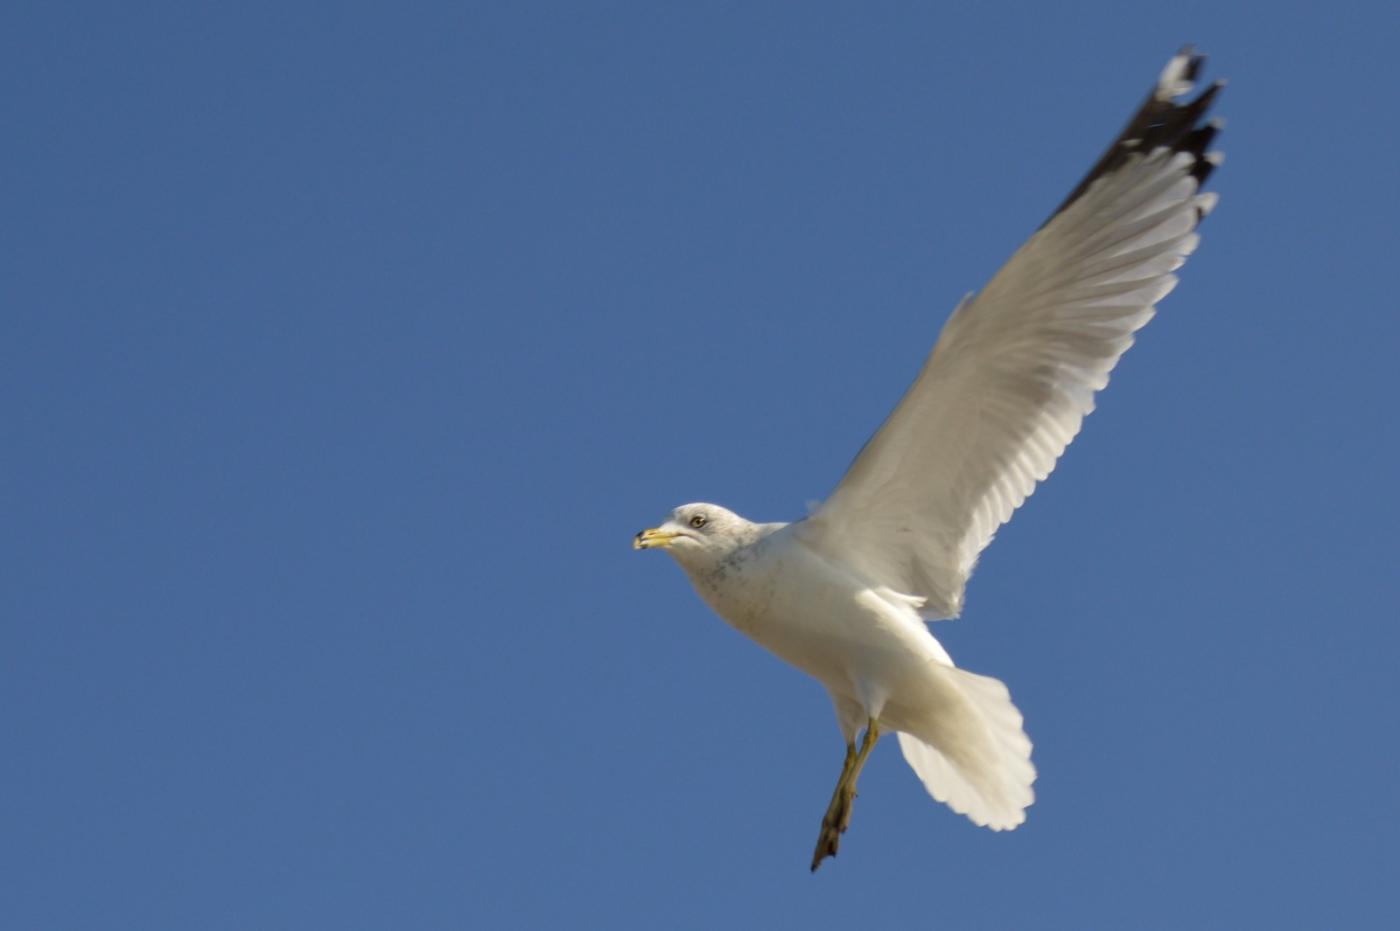 海鸥飞翔_图1-16